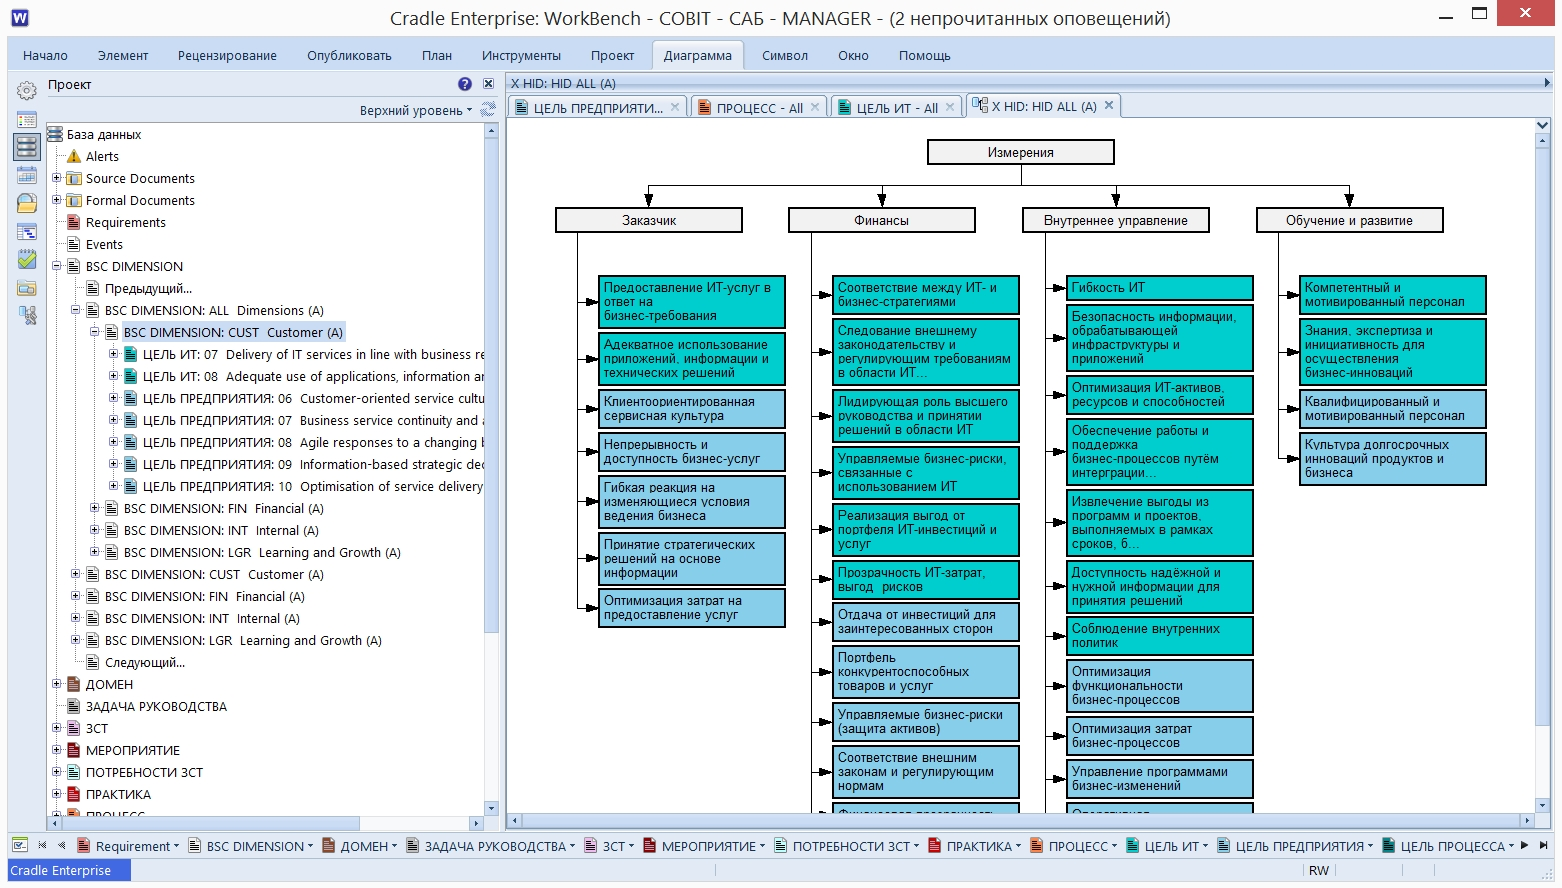 Рисунок 5. Классификация целей по измерениям COBIT-5